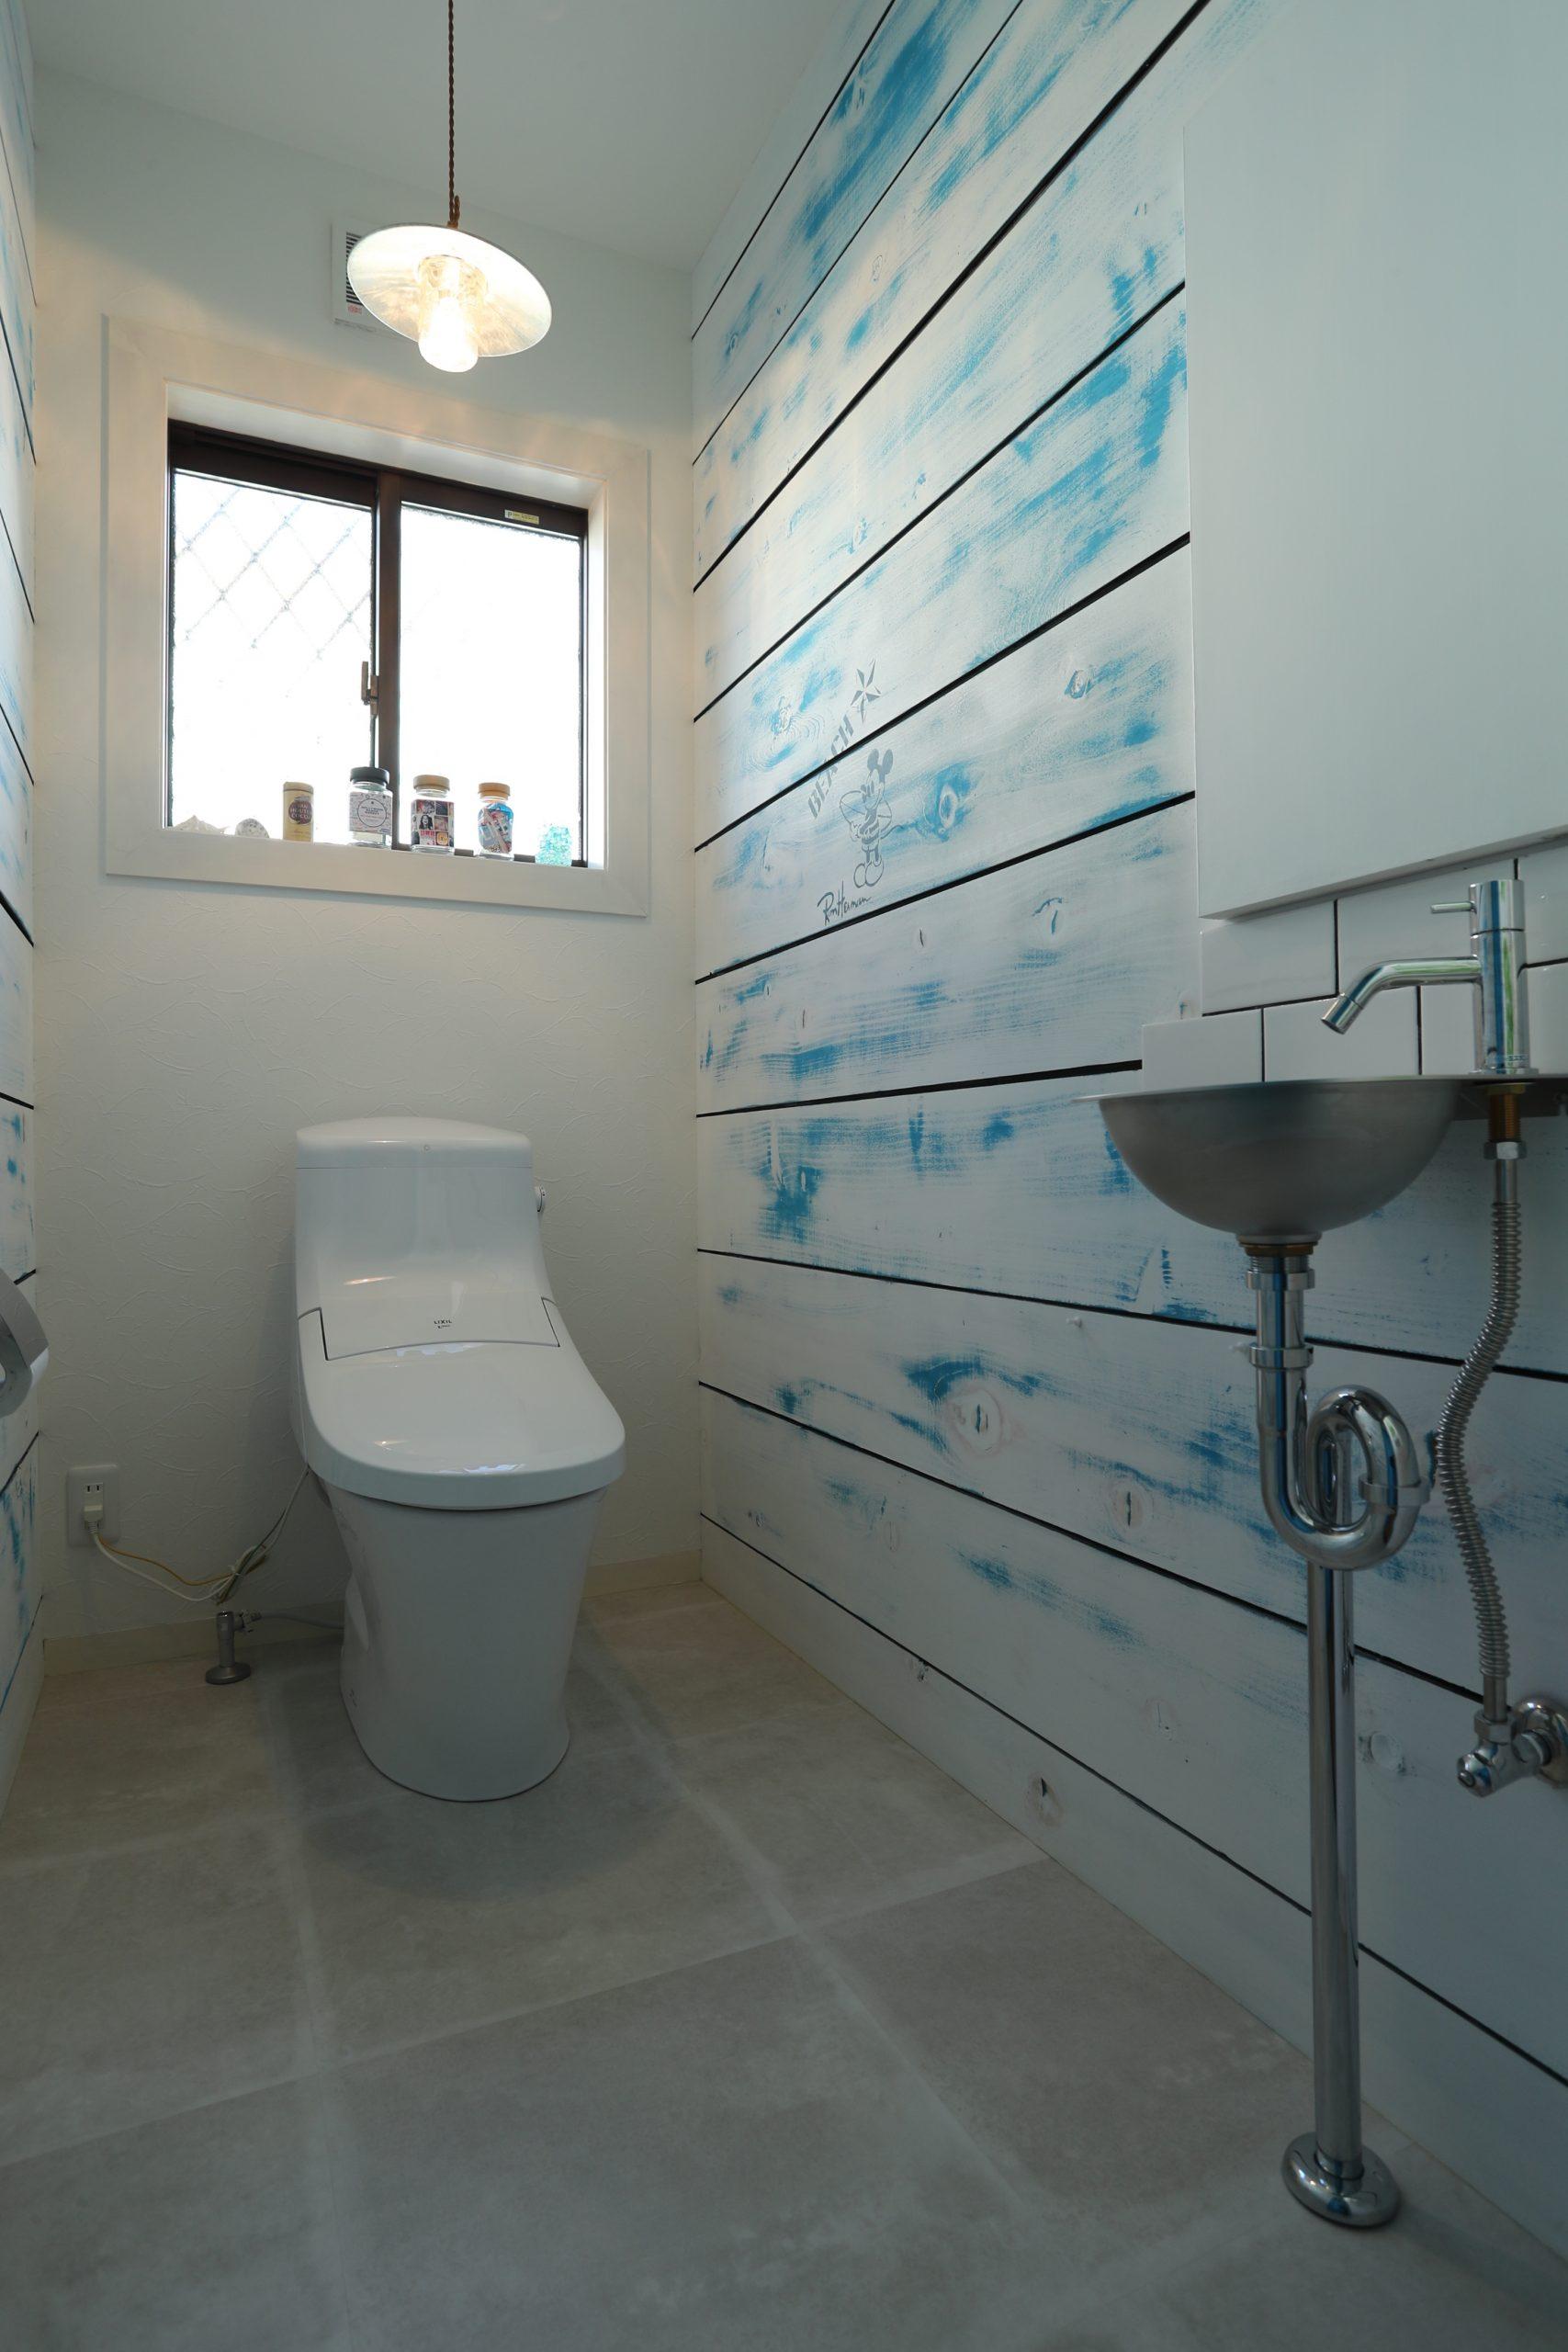 福井でかっこいい家をつくるガウディの施工例 爽やかなブルーのエイジングされたトイレの壁